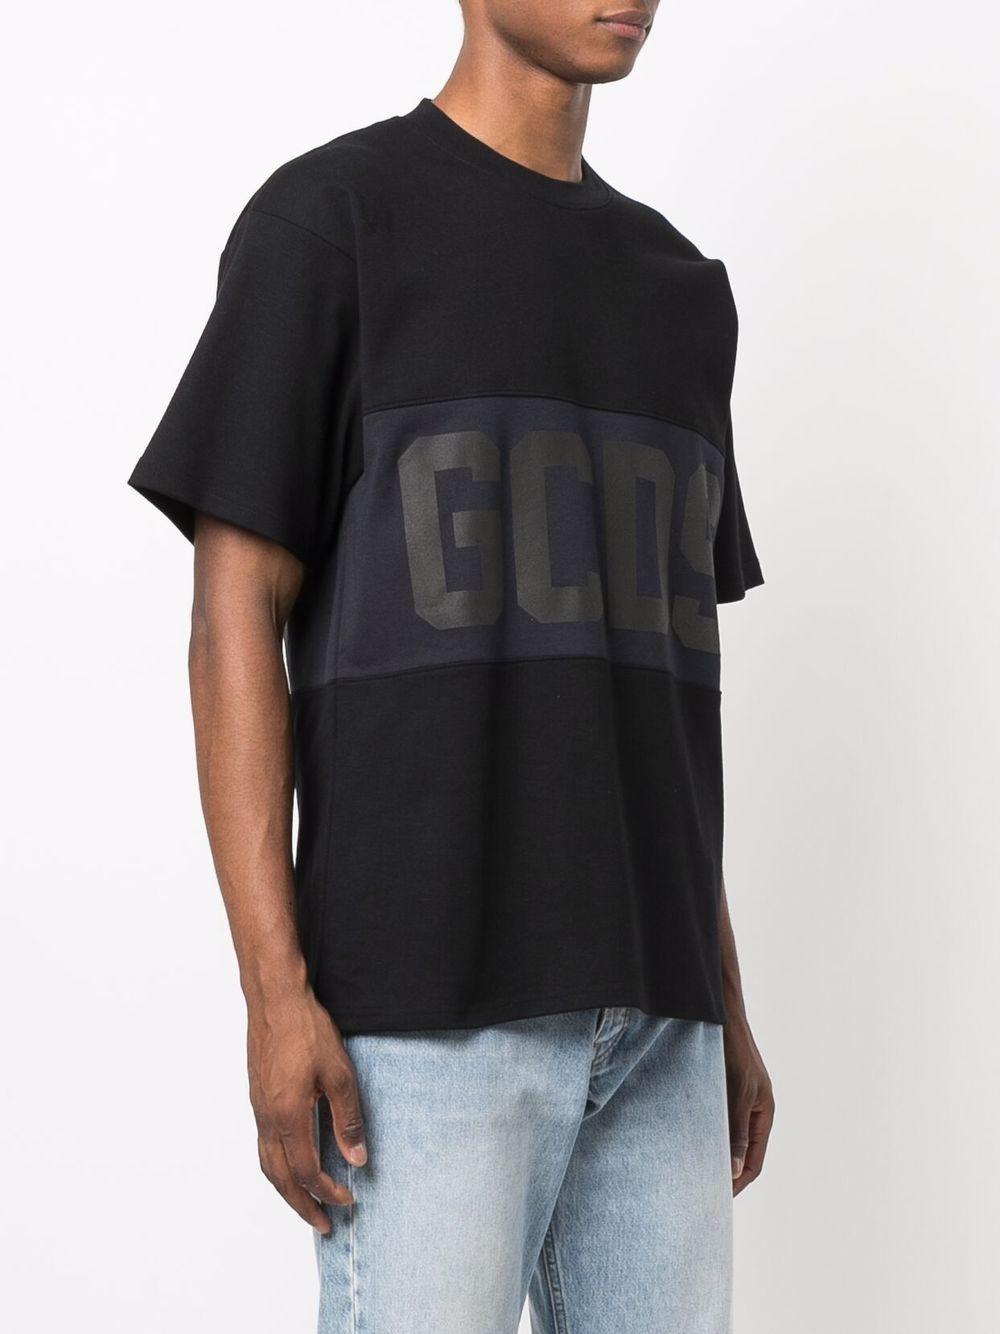 t-shirt con logo uomo nera in cotone GCDS | T-shirt | CC94M02150102